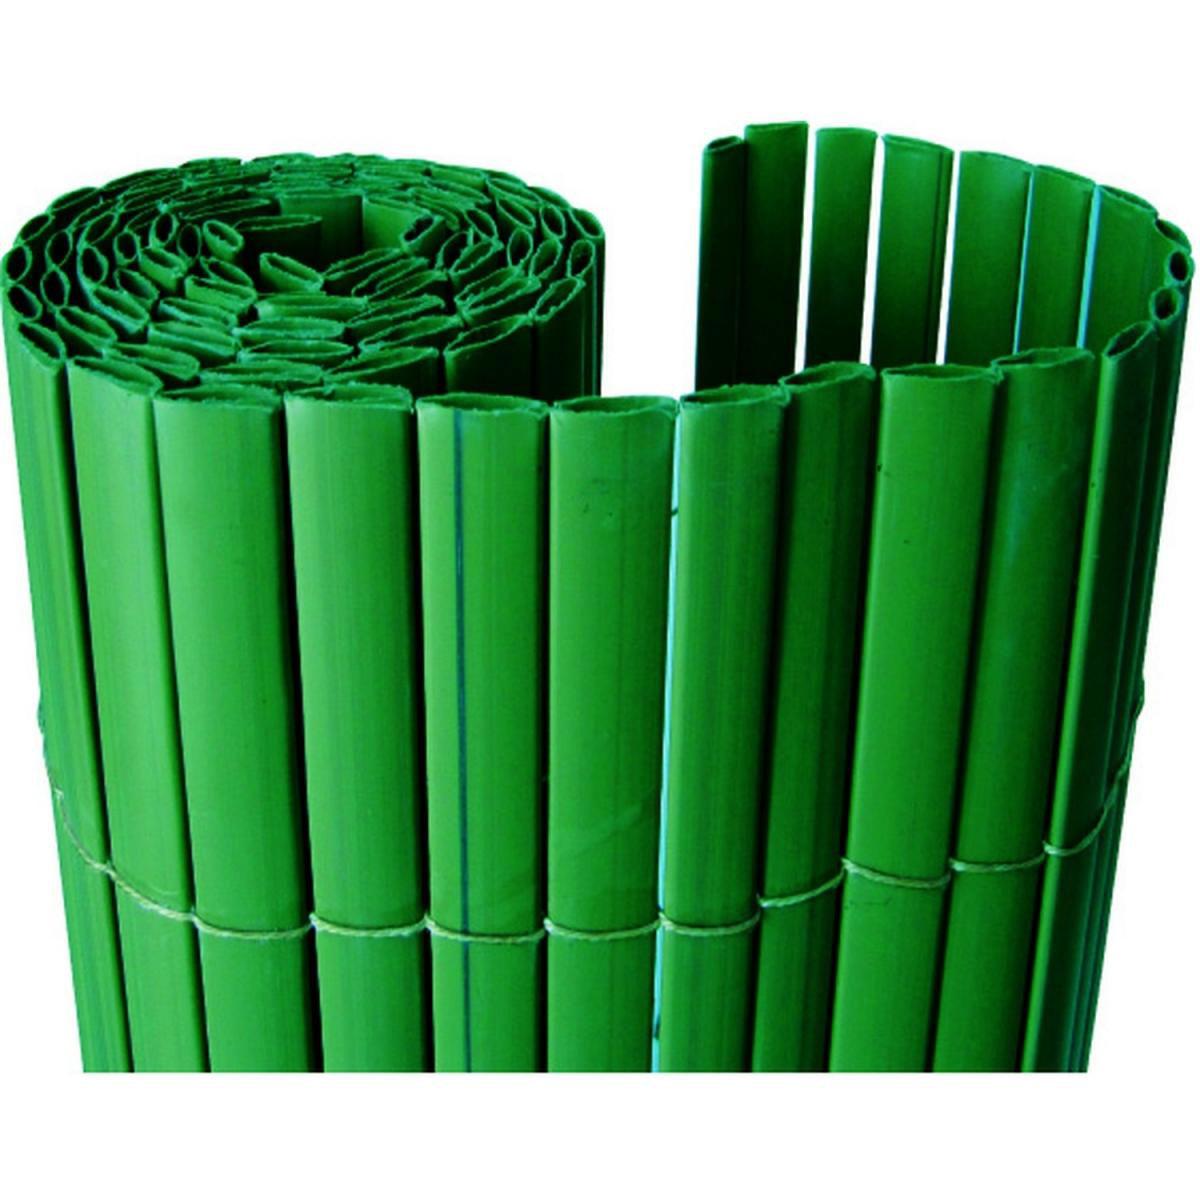 Sonnenschirme und Sonnensegel - Sichtschutzmatte PVC 90x300 cm, grün Grün  - Onlineshop Hellweg